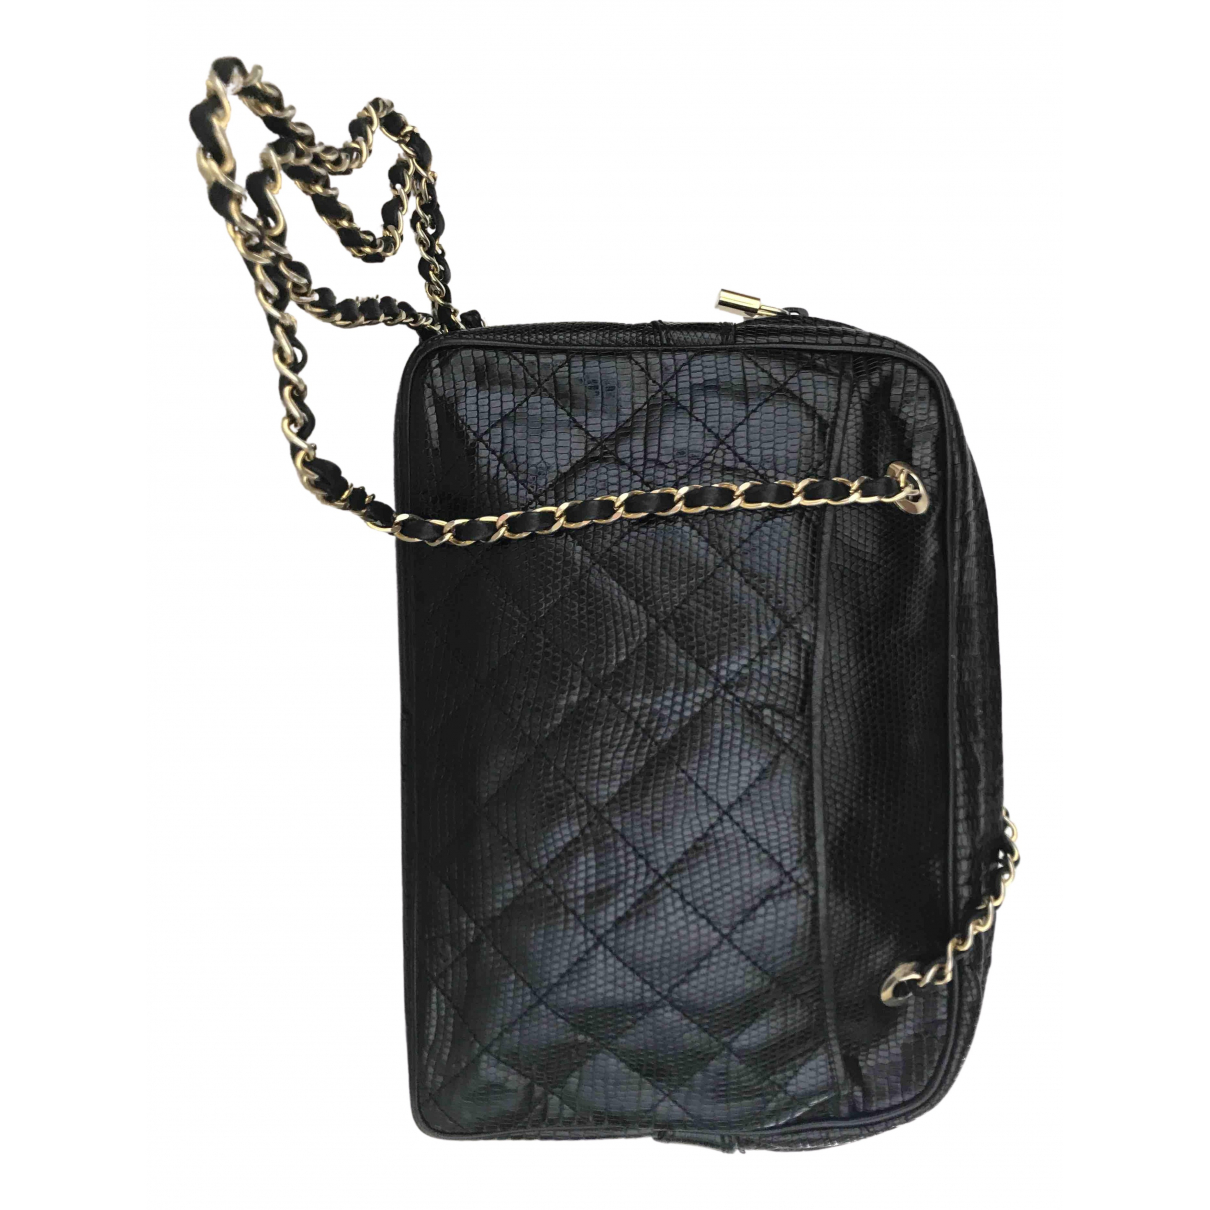 Colombo N Black Leather handbag for Women N